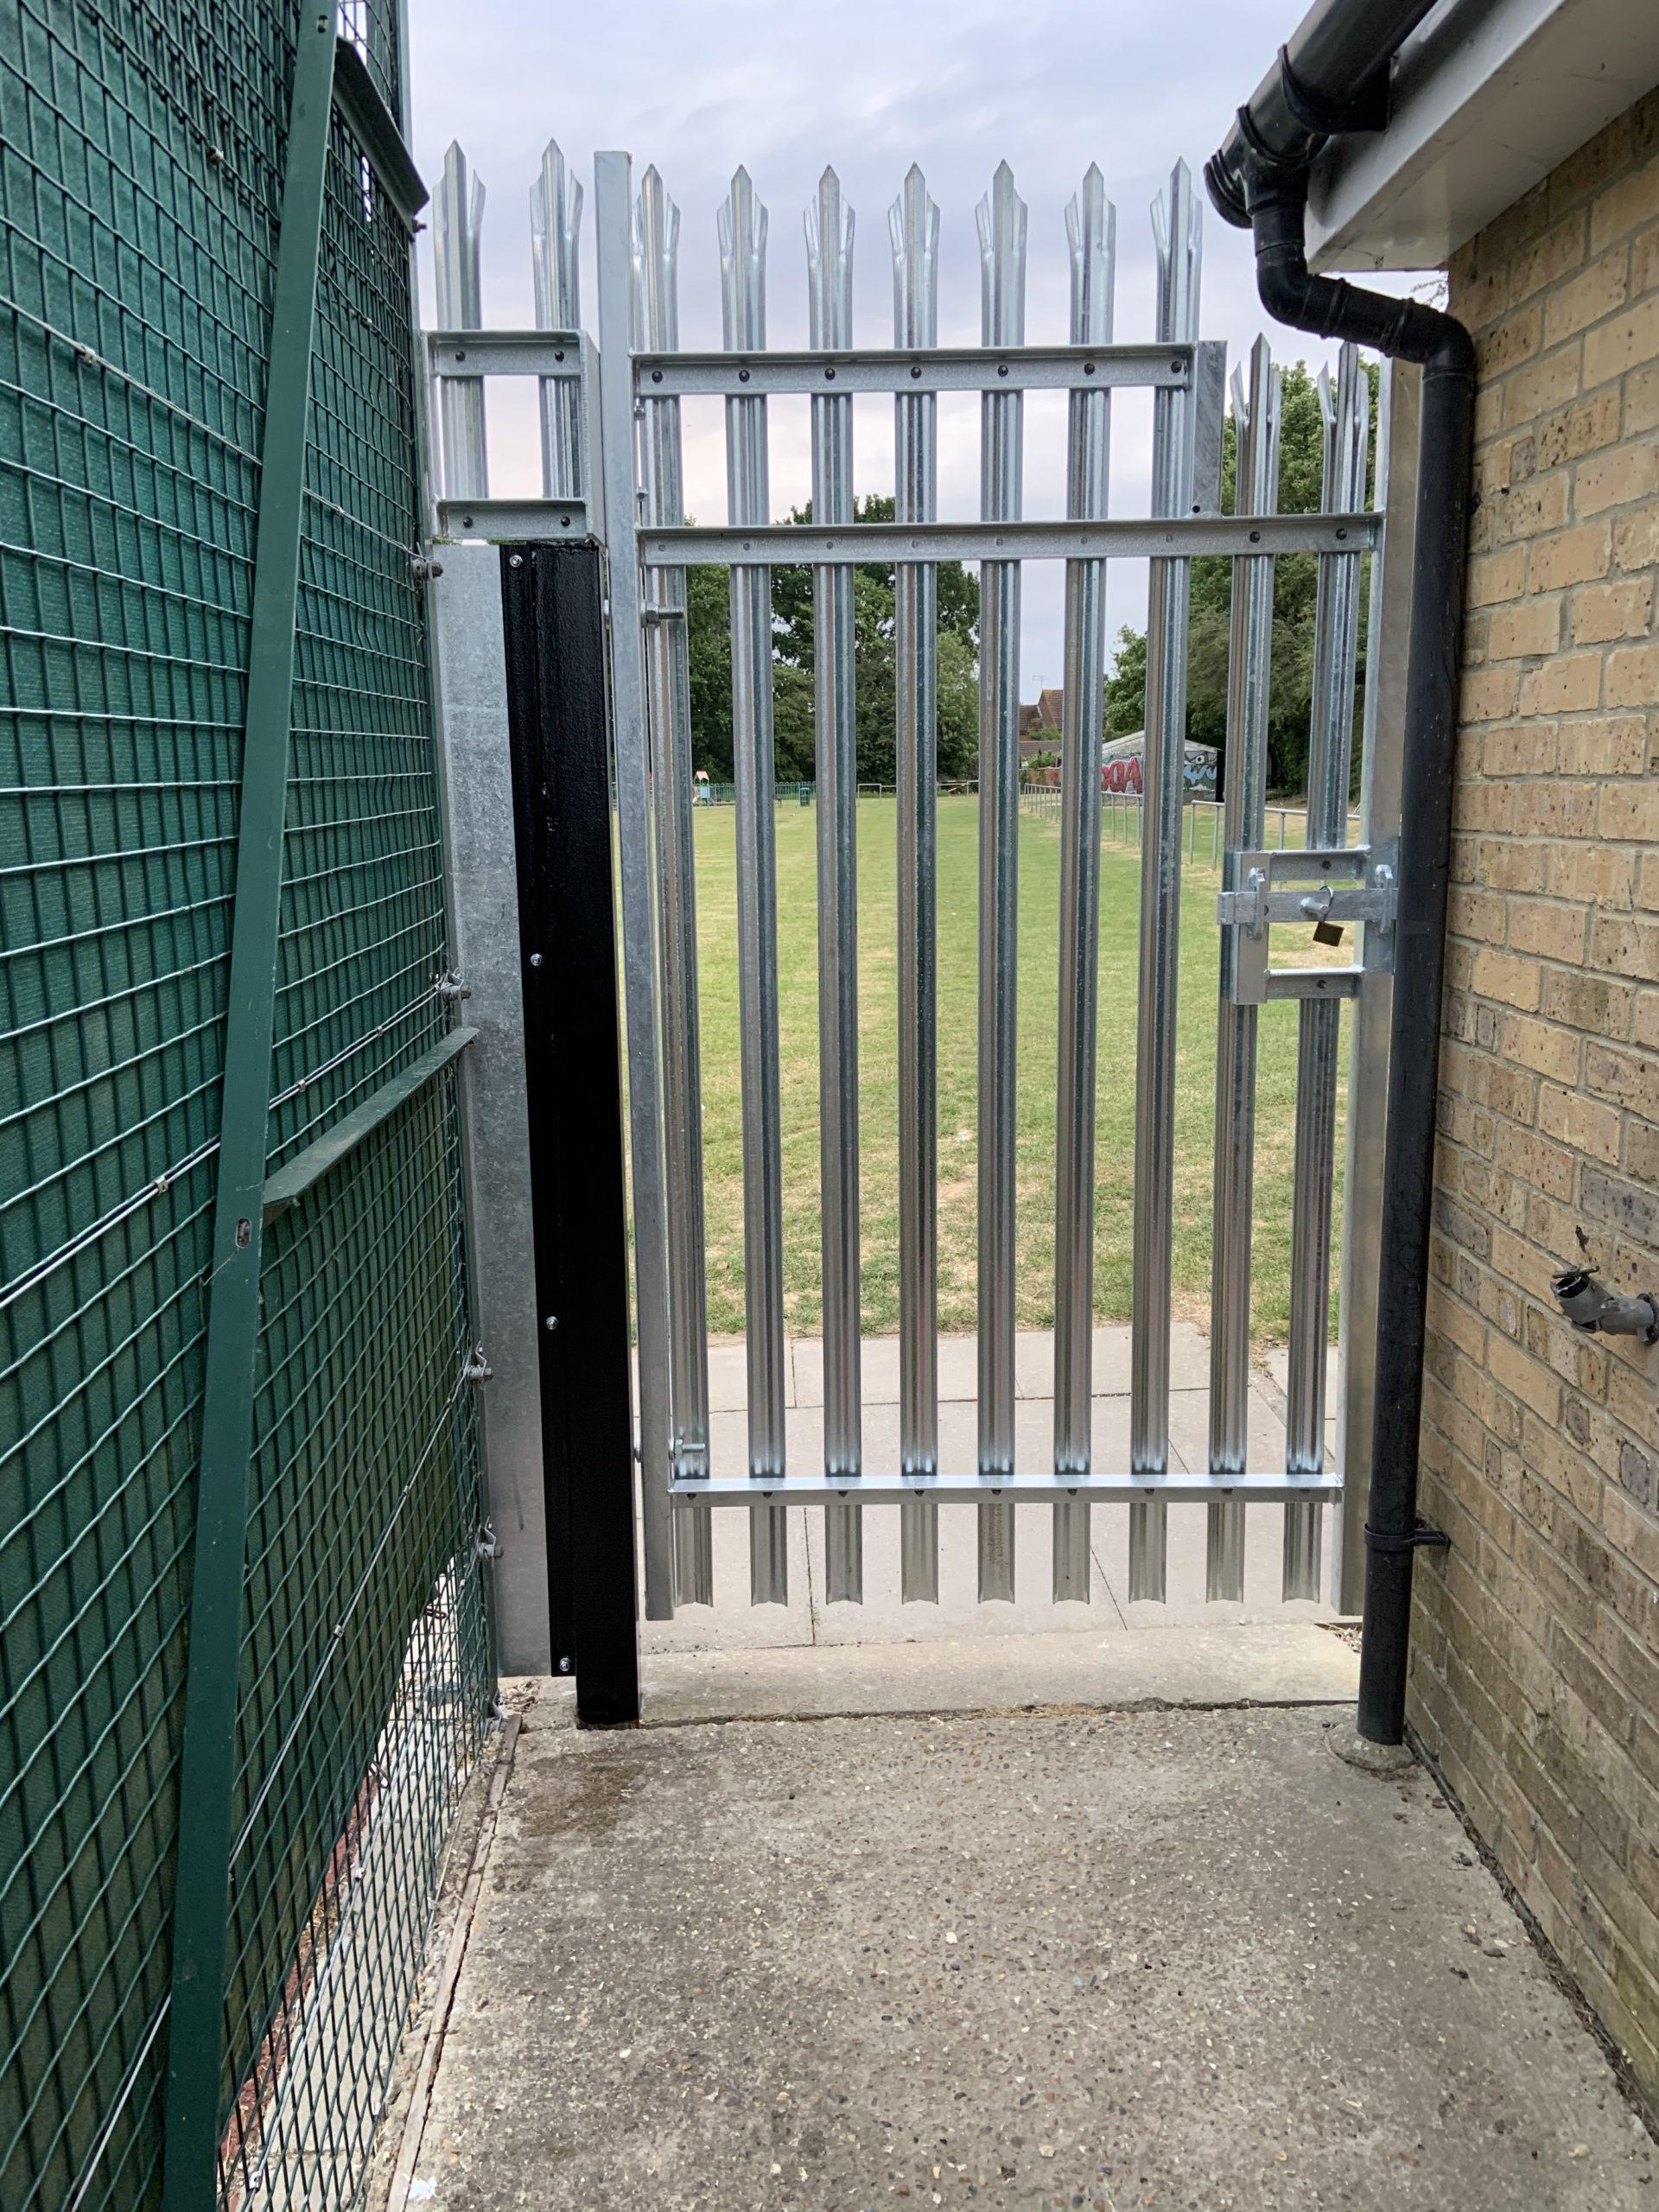 Bespoke, Custom, Palisade, Fencing, Gate, Install, Metalwork, Essex, Security.